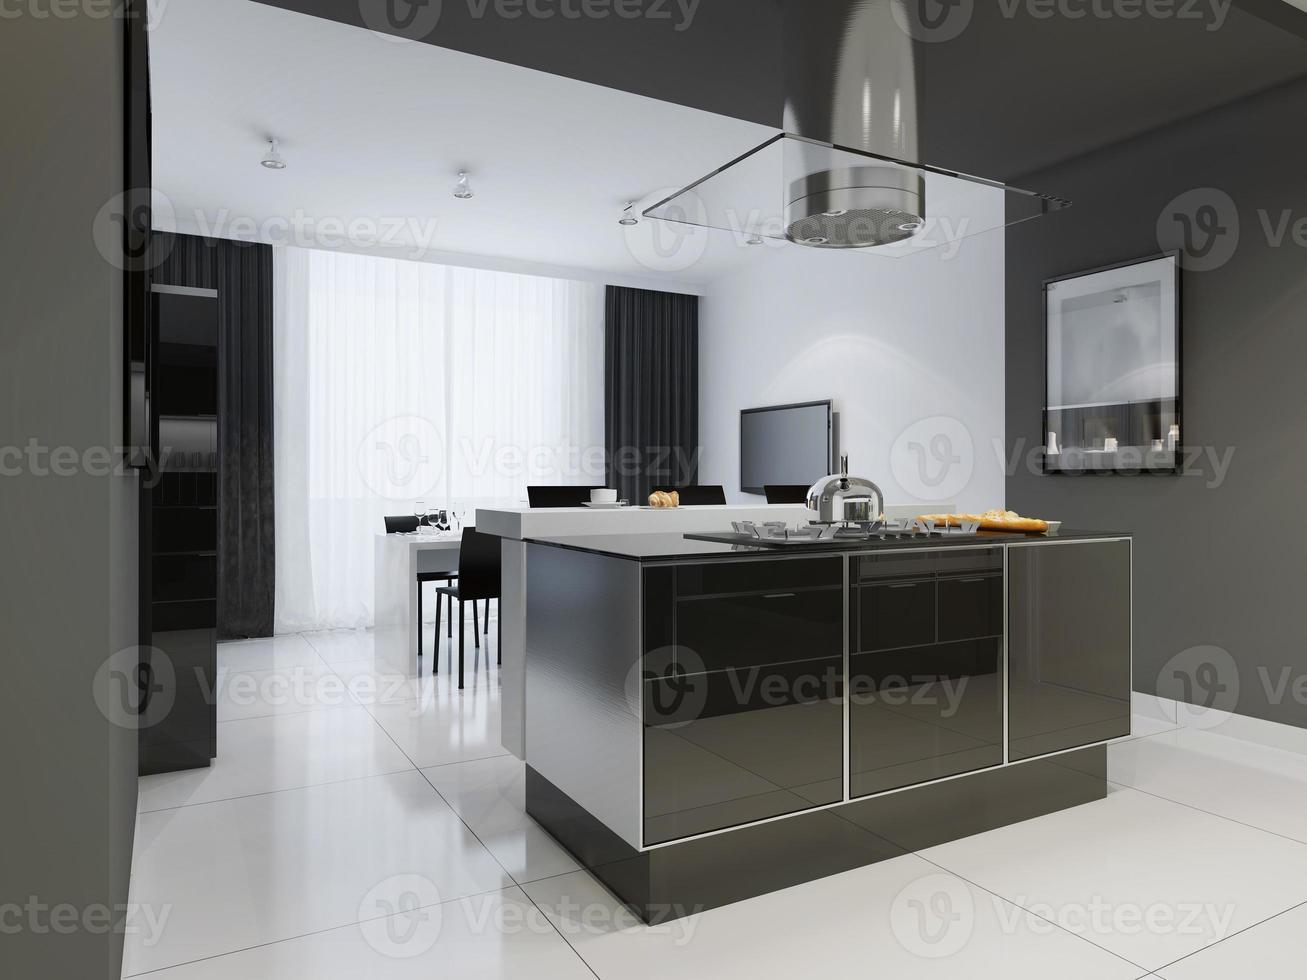 Kücheneinrichtung im Minimalismus-Stil in monochromen Tönen foto